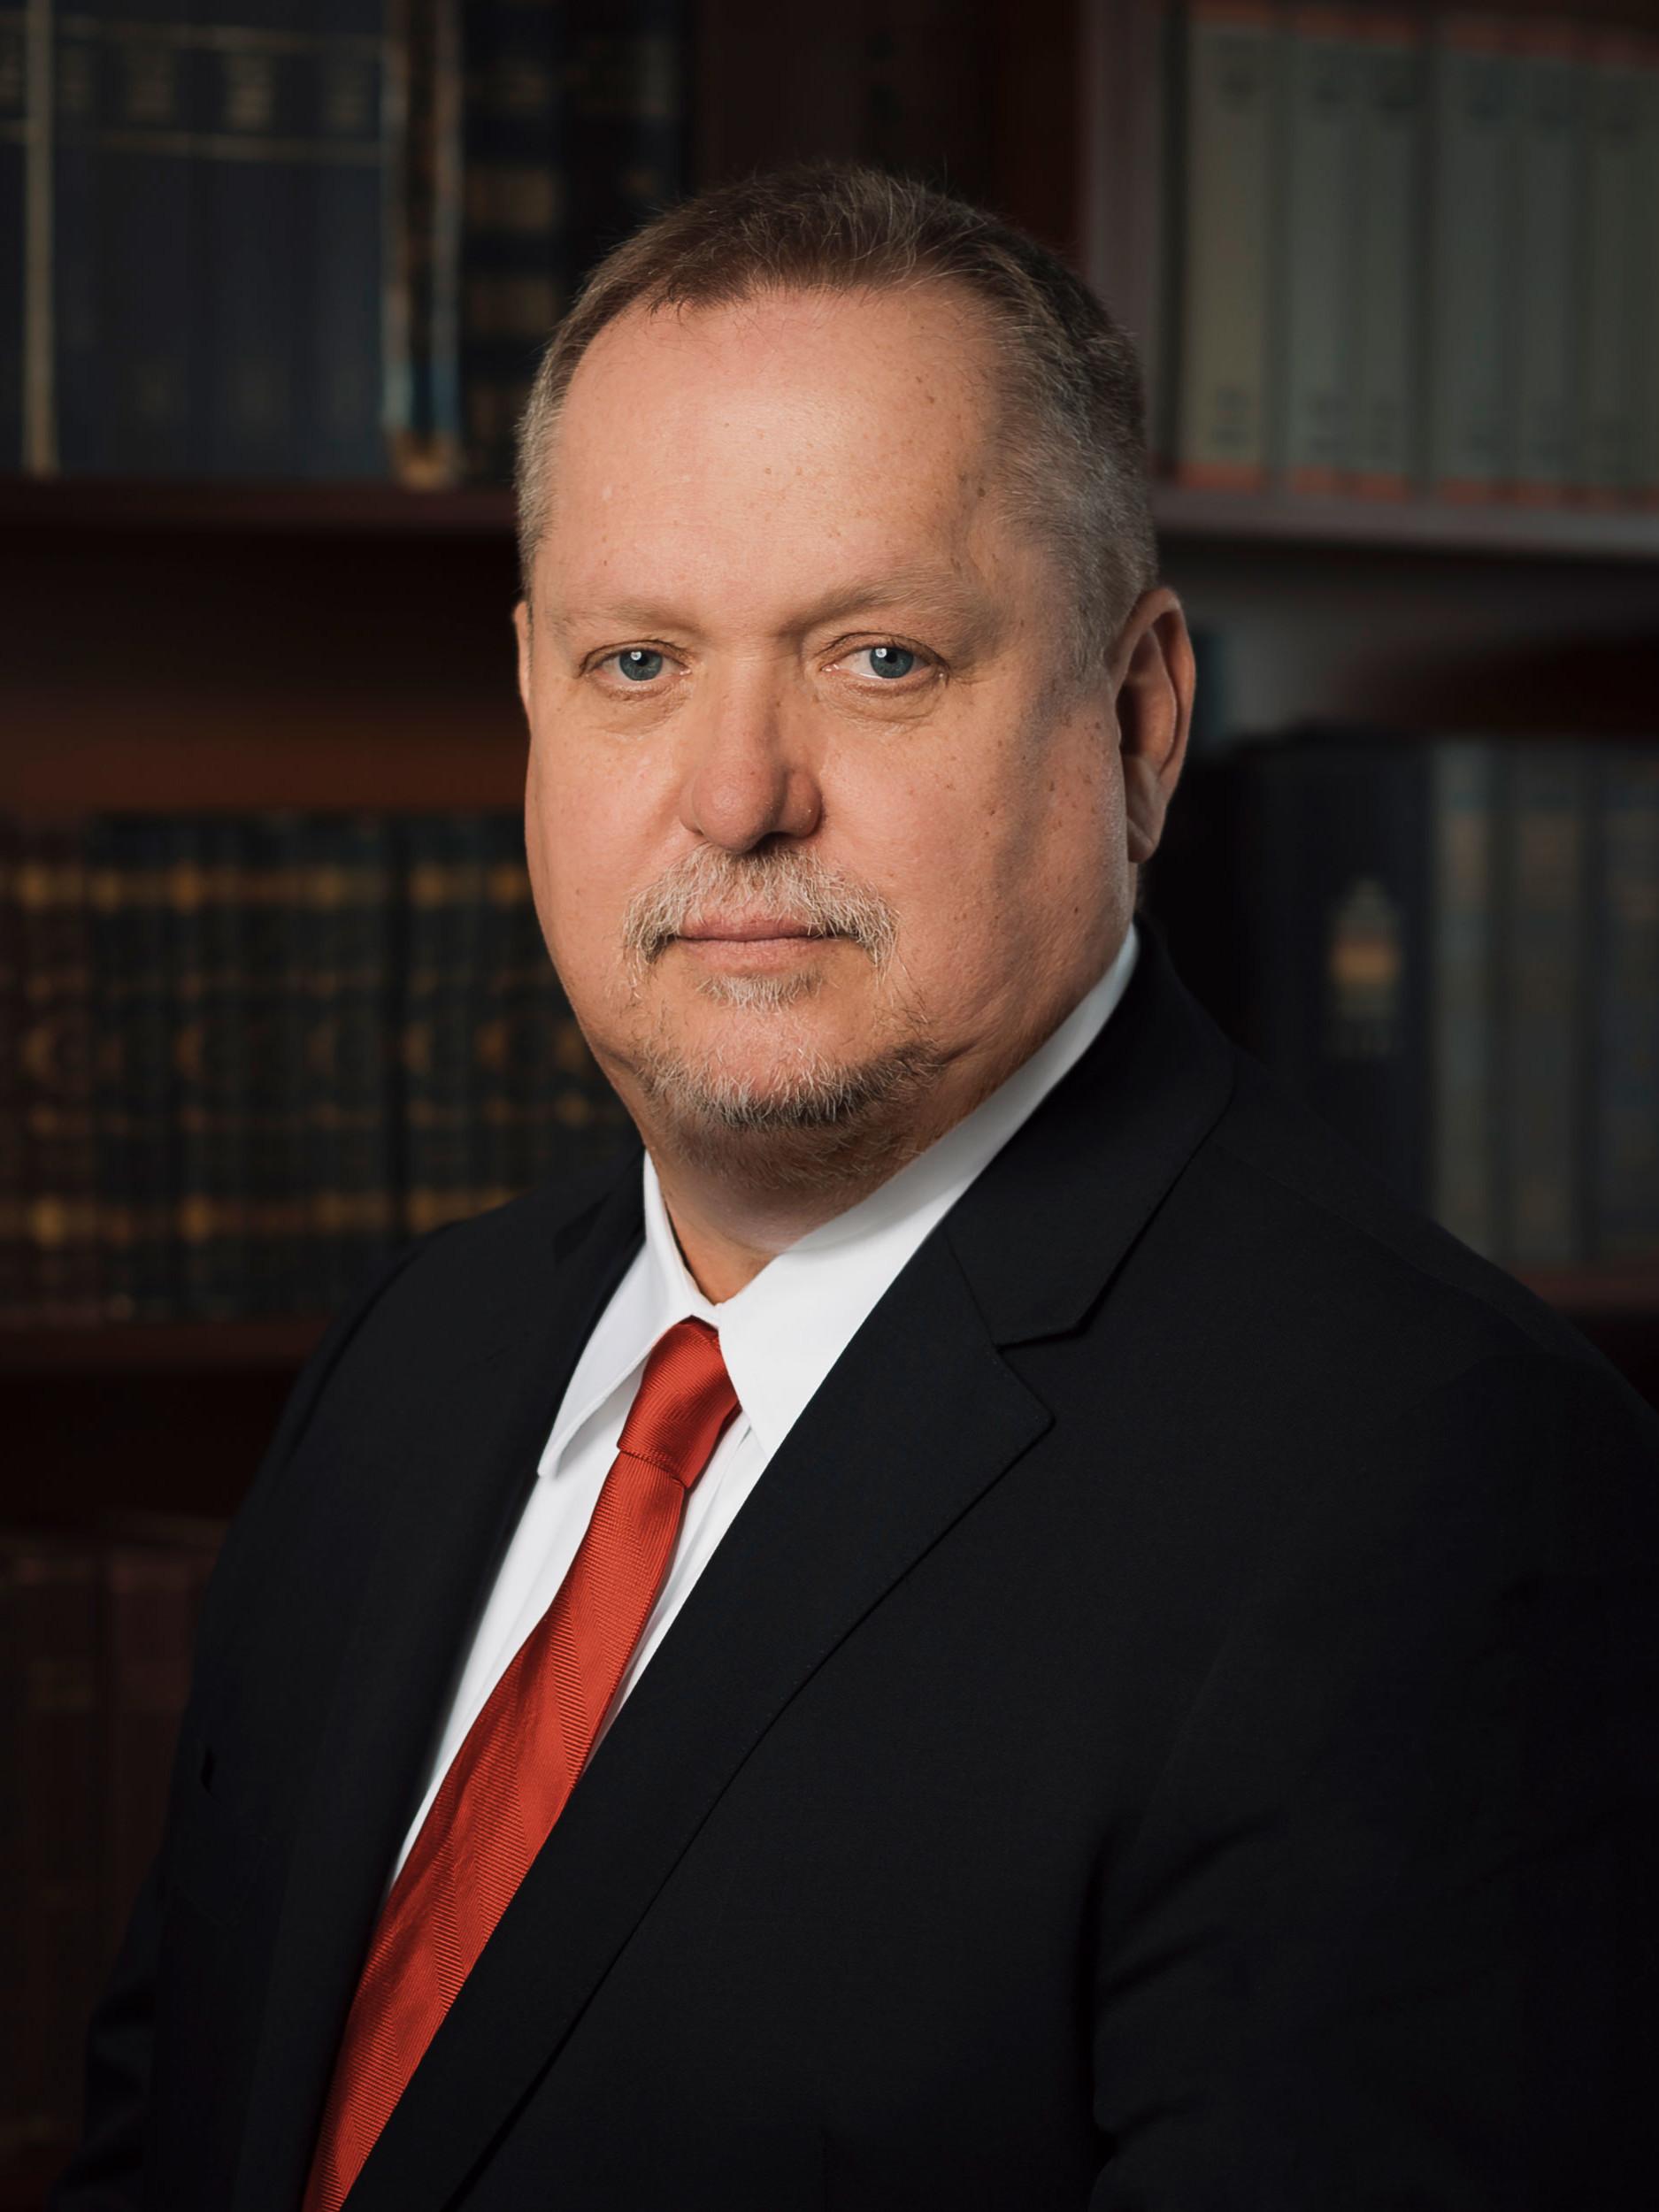 Дьёрдь Ётвёш — партнер и управляющий директор, основатель компании Family Tree Ltd.